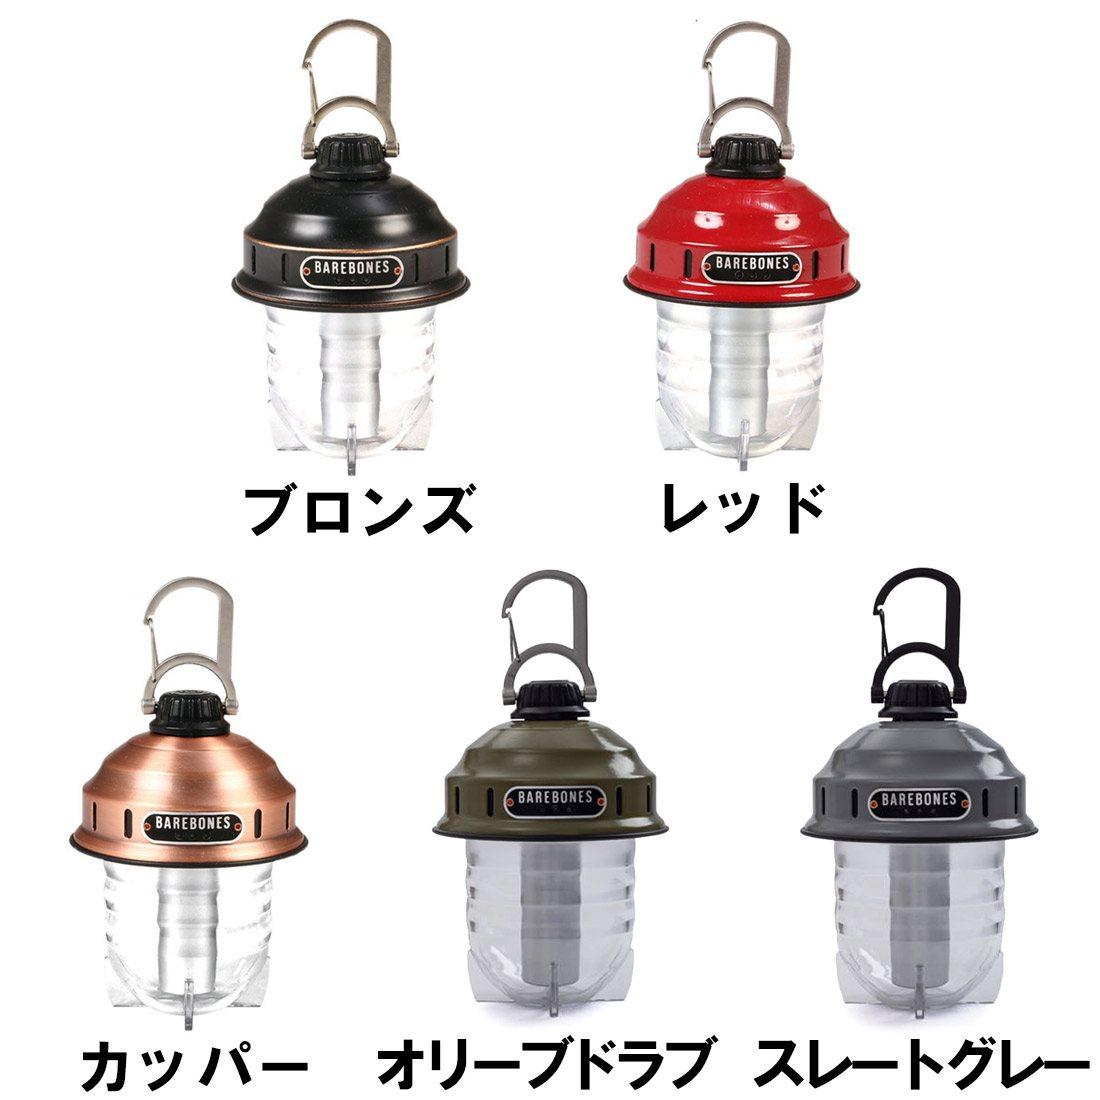 ベアボーンズ リビング ビーコンライト LED2 ランタン  国内正規品